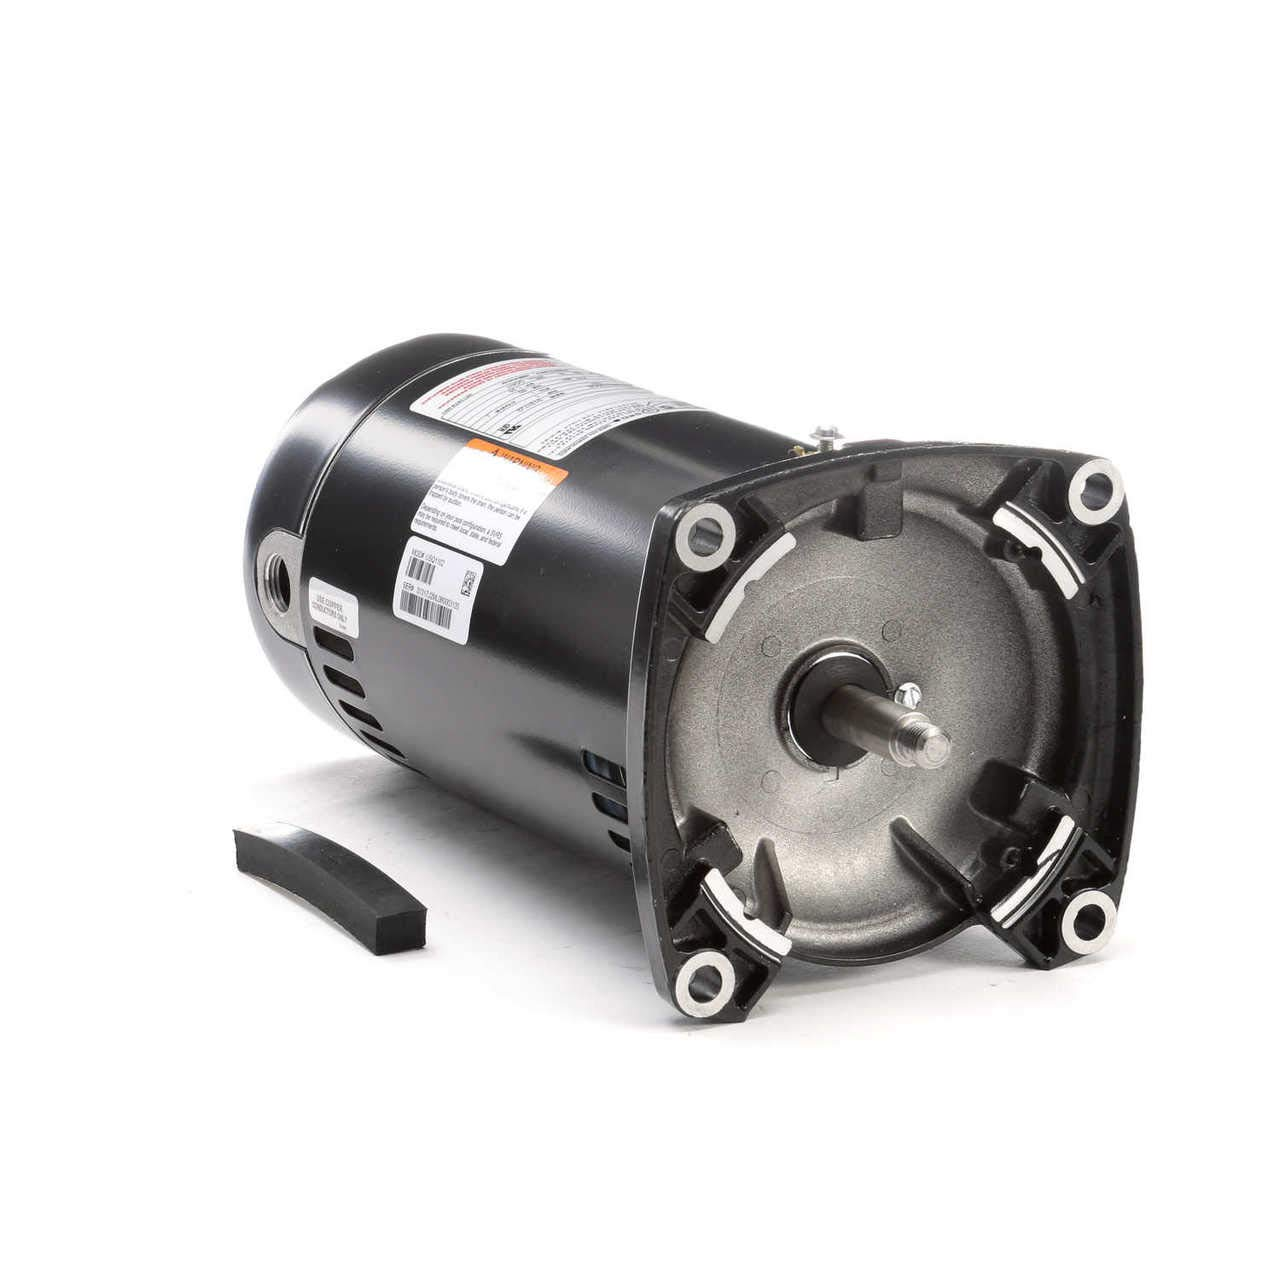 CENTURY SQ1102 Pump Motor,1 HP,3450,115//230 V,48Y,ODP